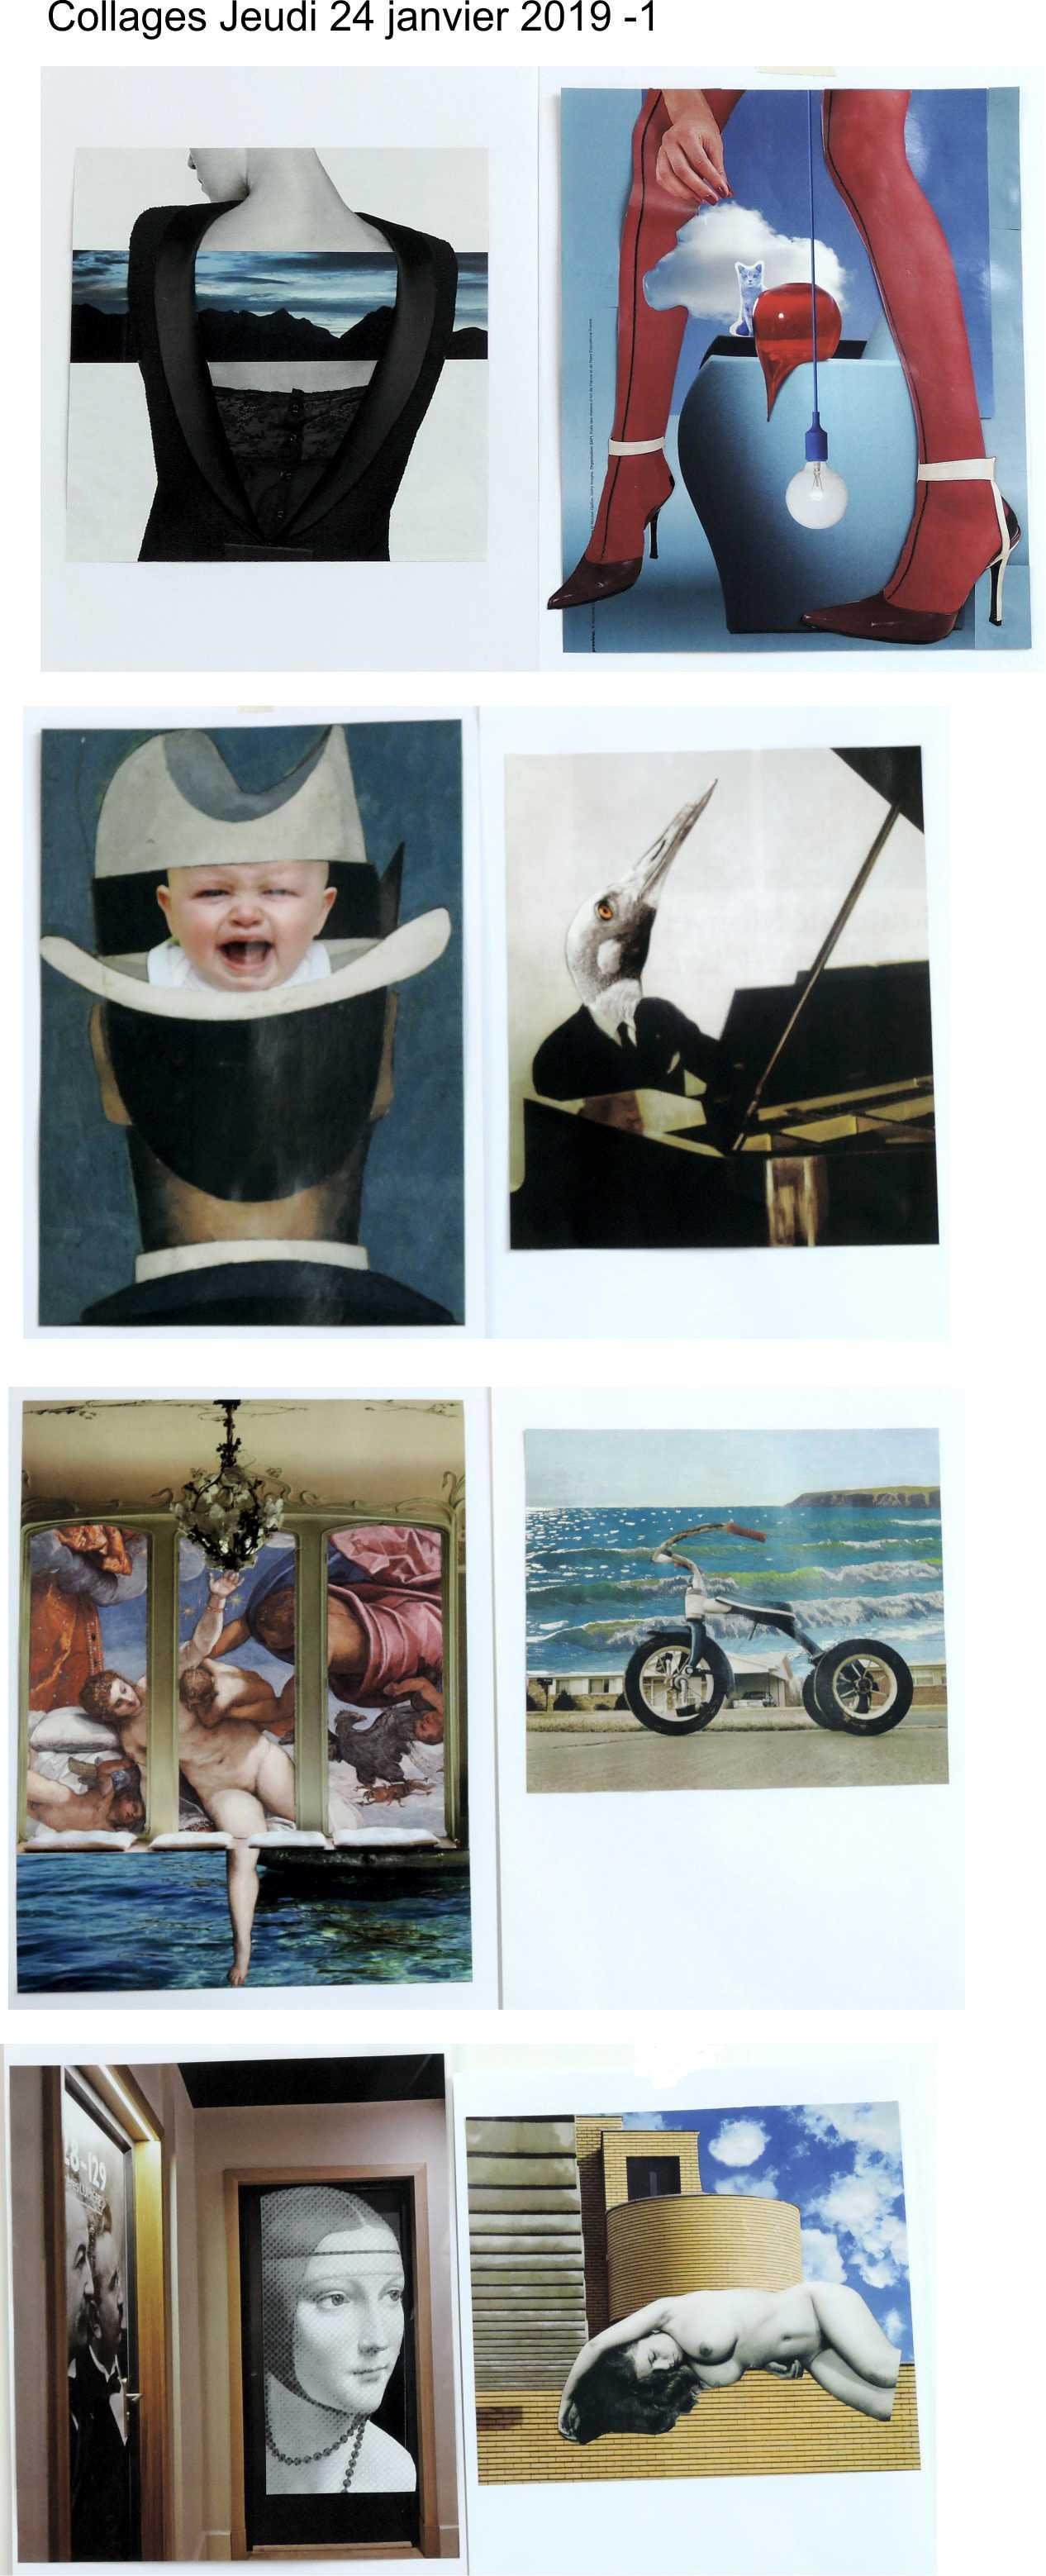 Collages jeudi 24 janvier 2019 Magritte